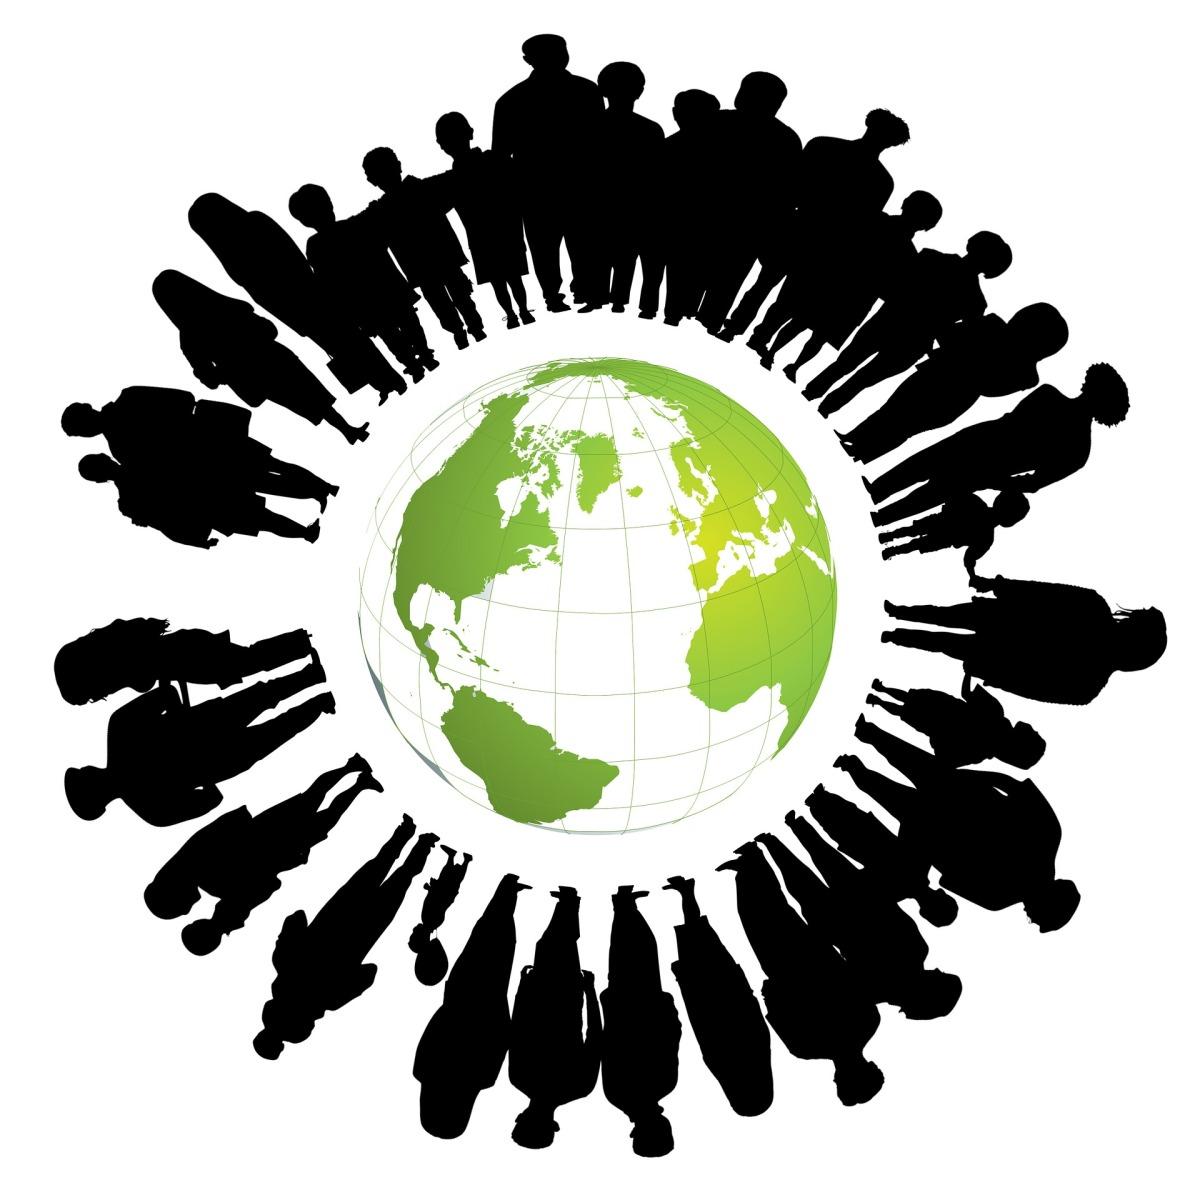 Popolazione mondiale in aumento. Acquaponica.blog. pesci e piante con la stessa acqua. Quando saremo in 10 miliardi?